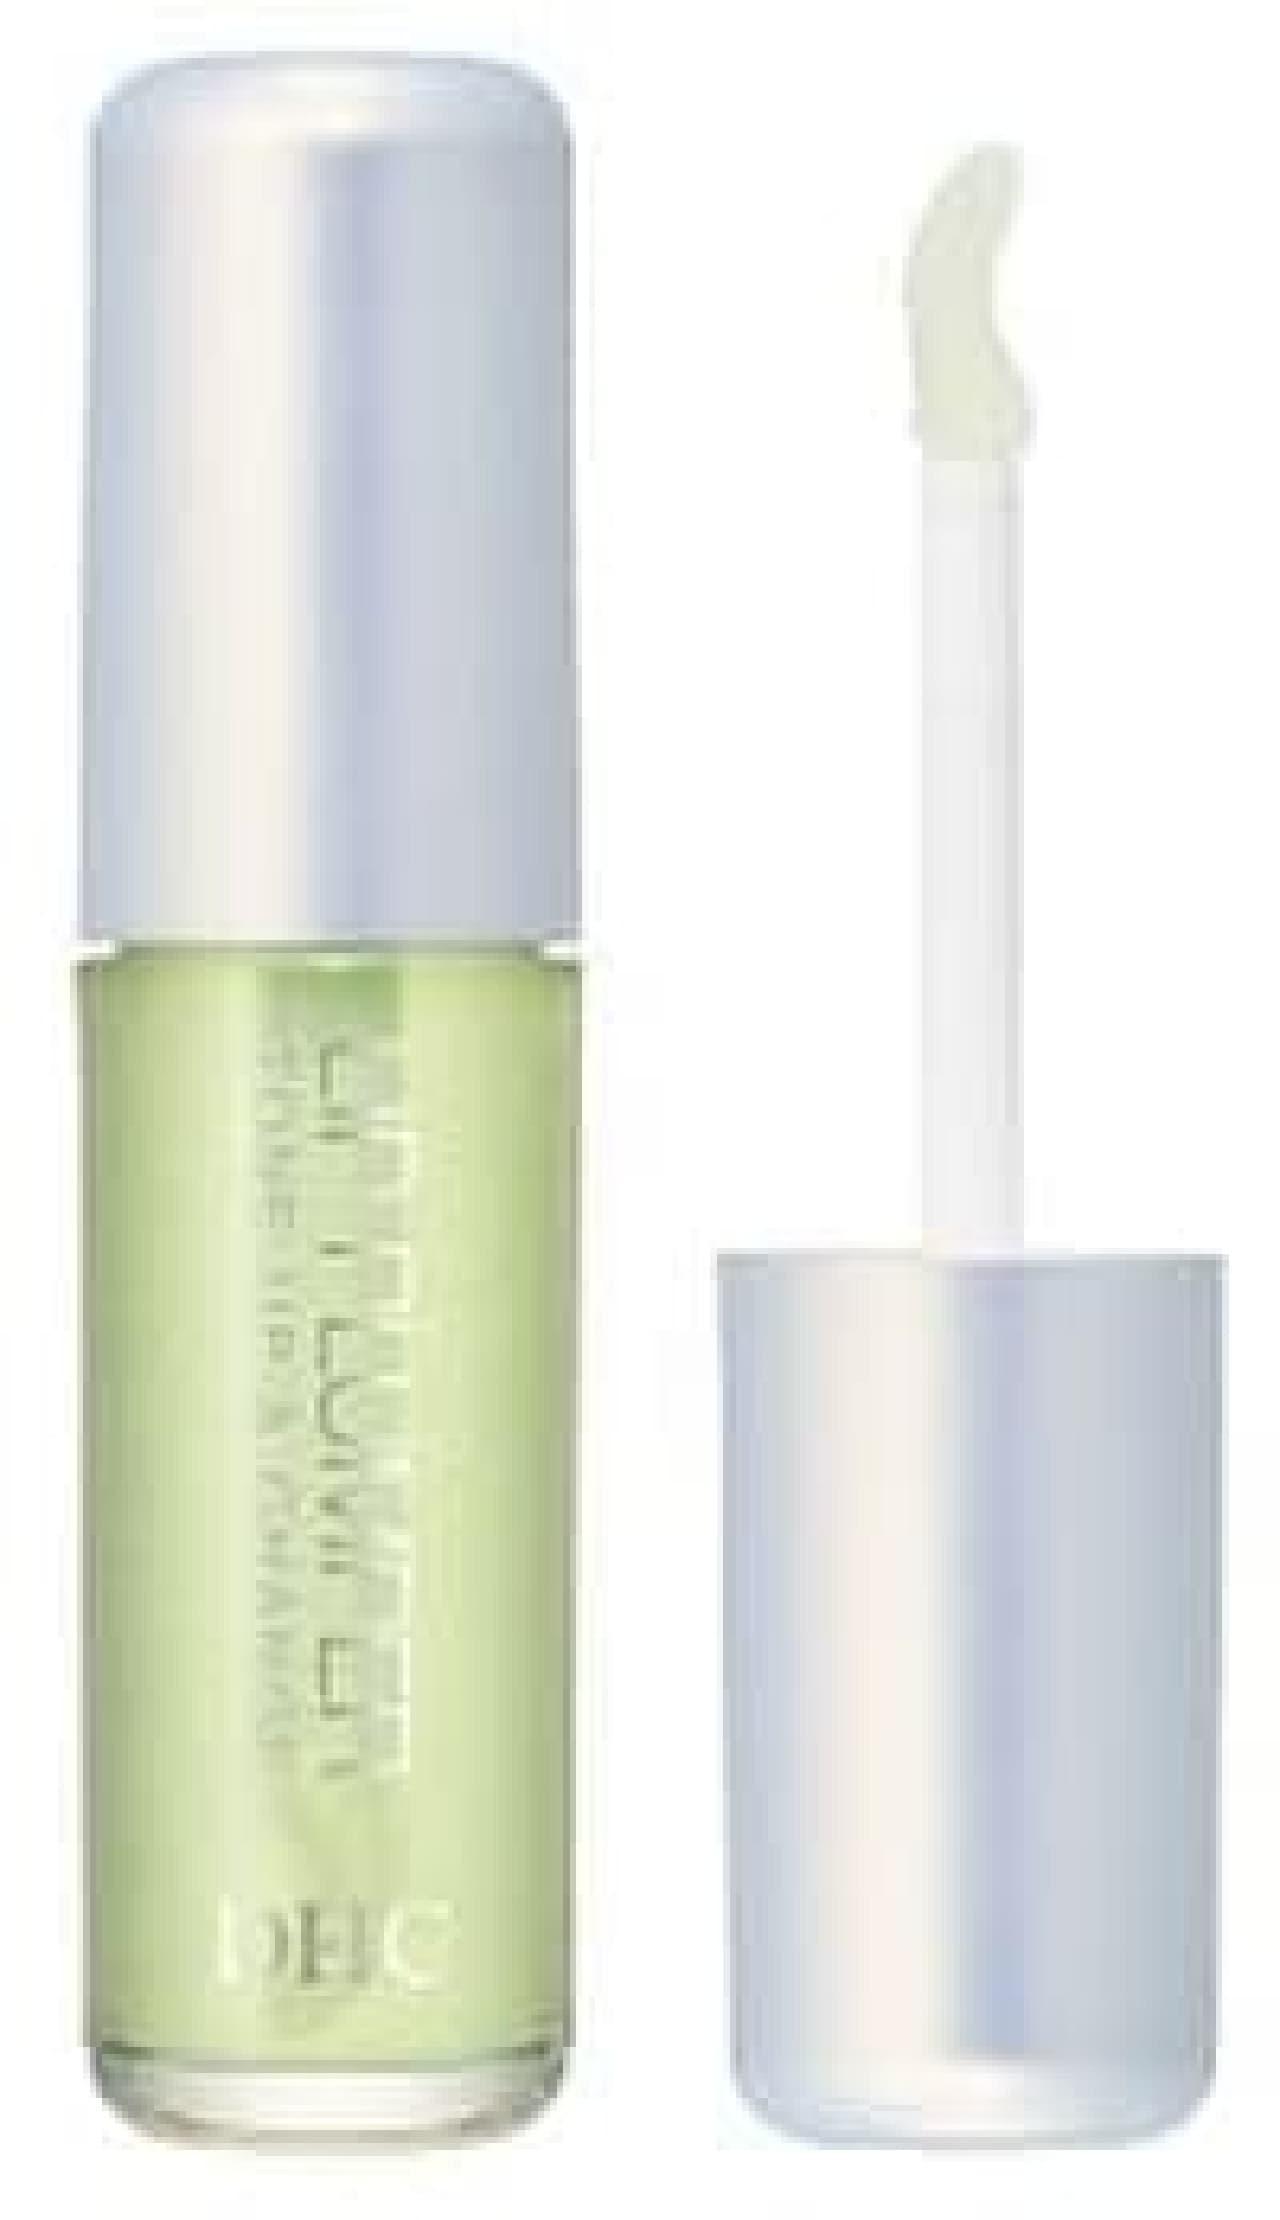 DHCの唇用美容液「リップ プランパー トーン アップ&チェンジ グリーン」